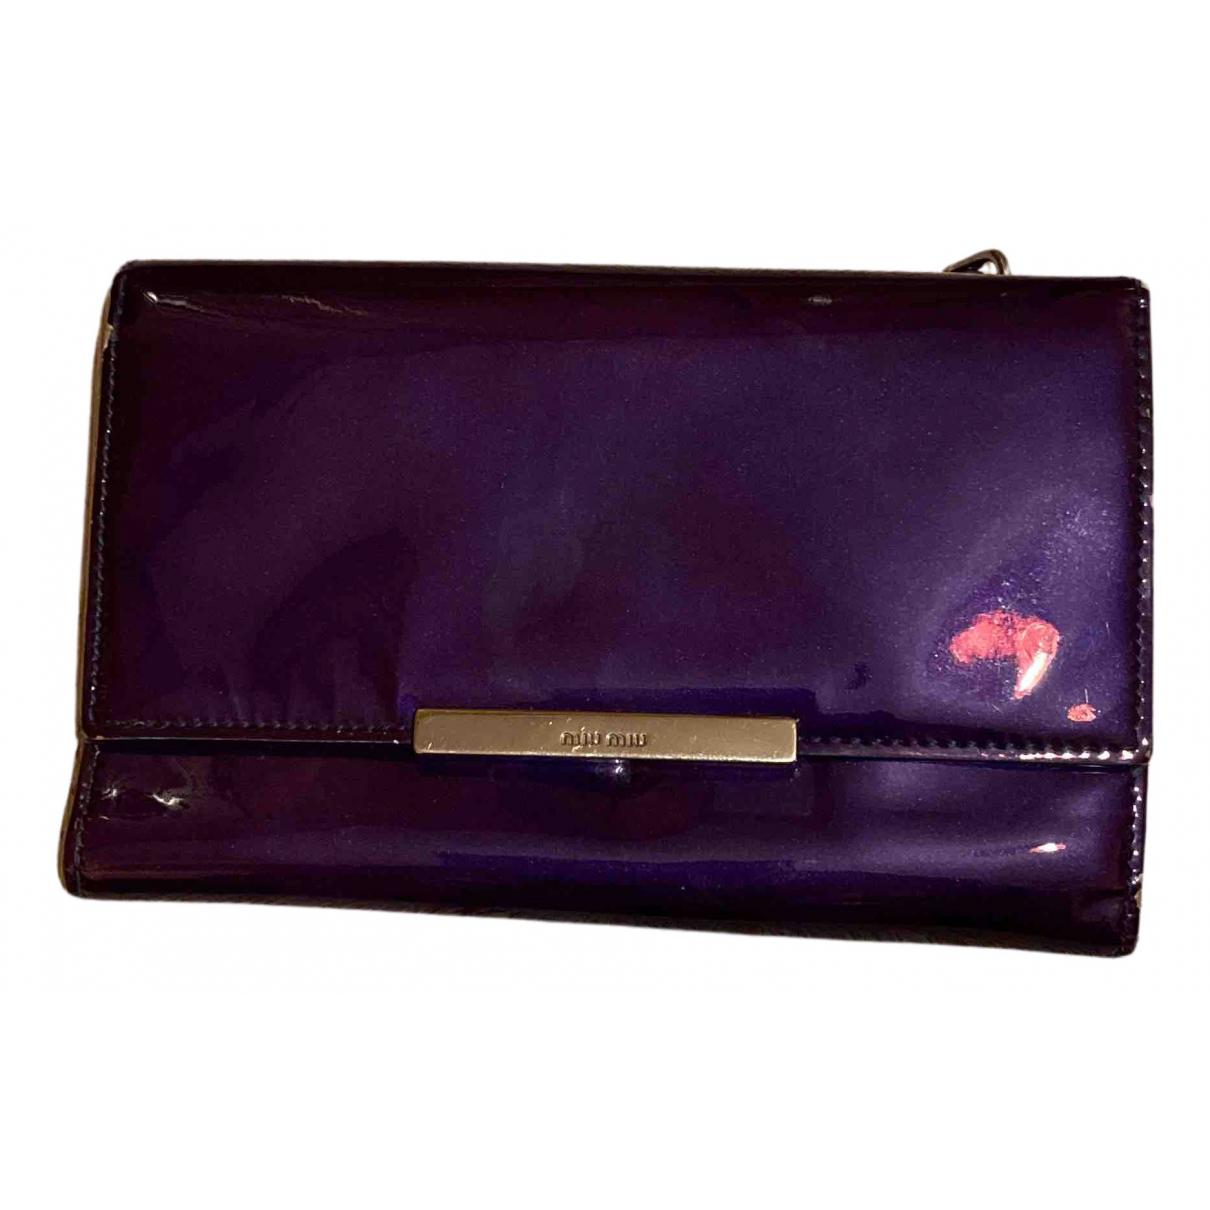 Miu Miu - Portefeuille   pour femme en cuir - violet